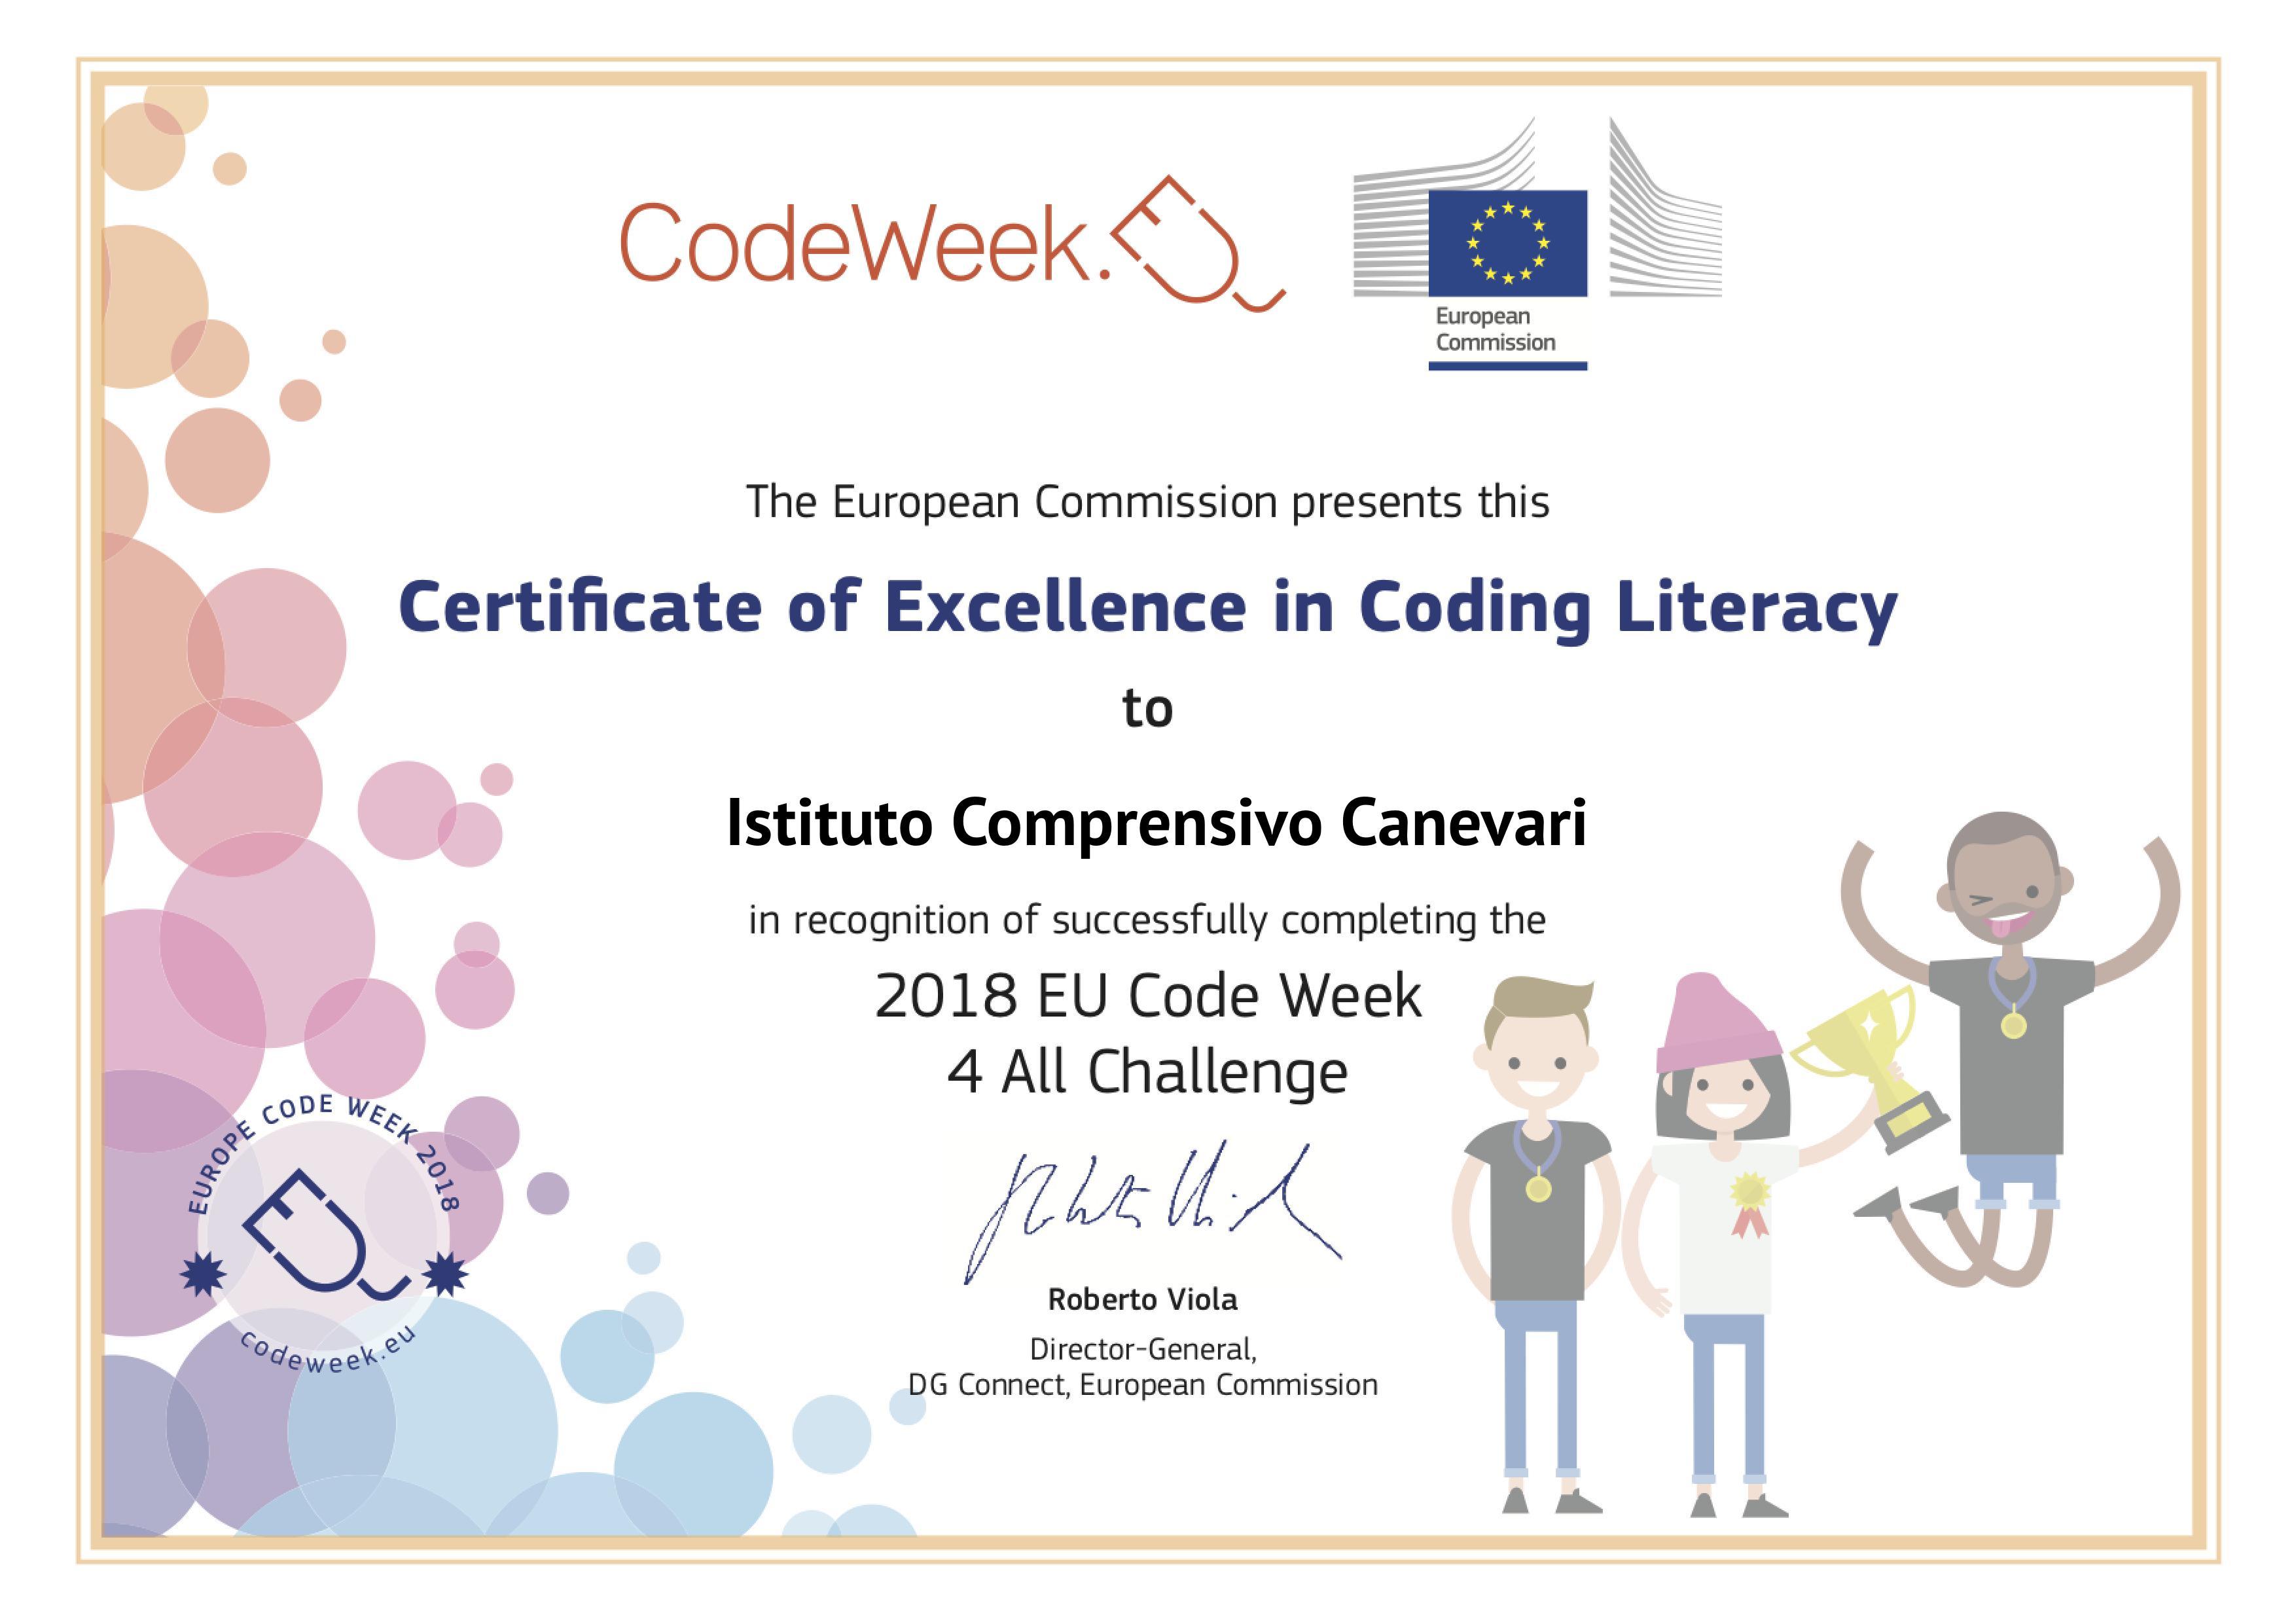 Certificato di eccellenza per le attività di coding